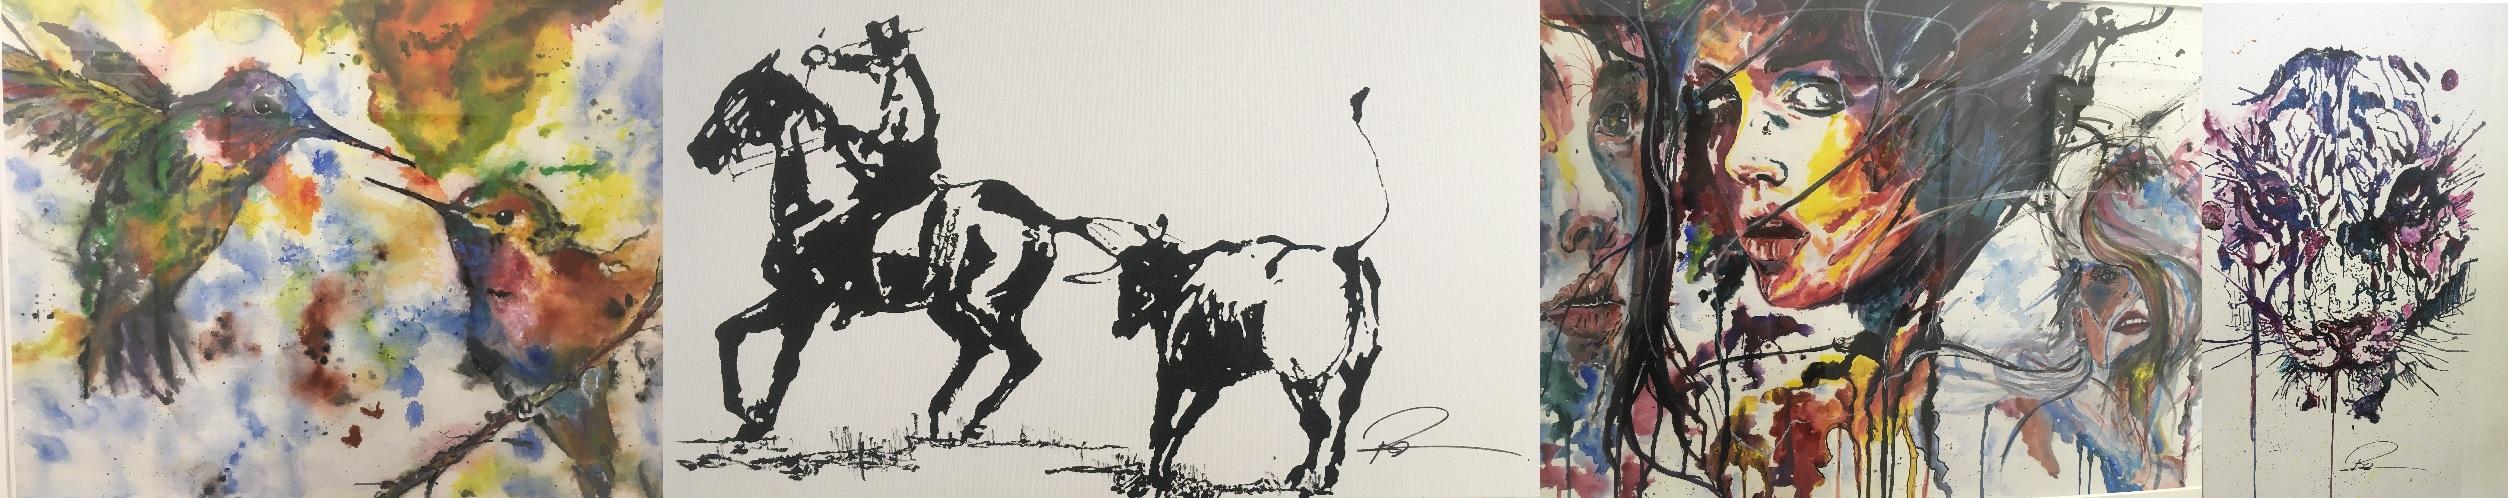 Kunst trifft Steuer XXIV - Roland Merklein - signifikantes